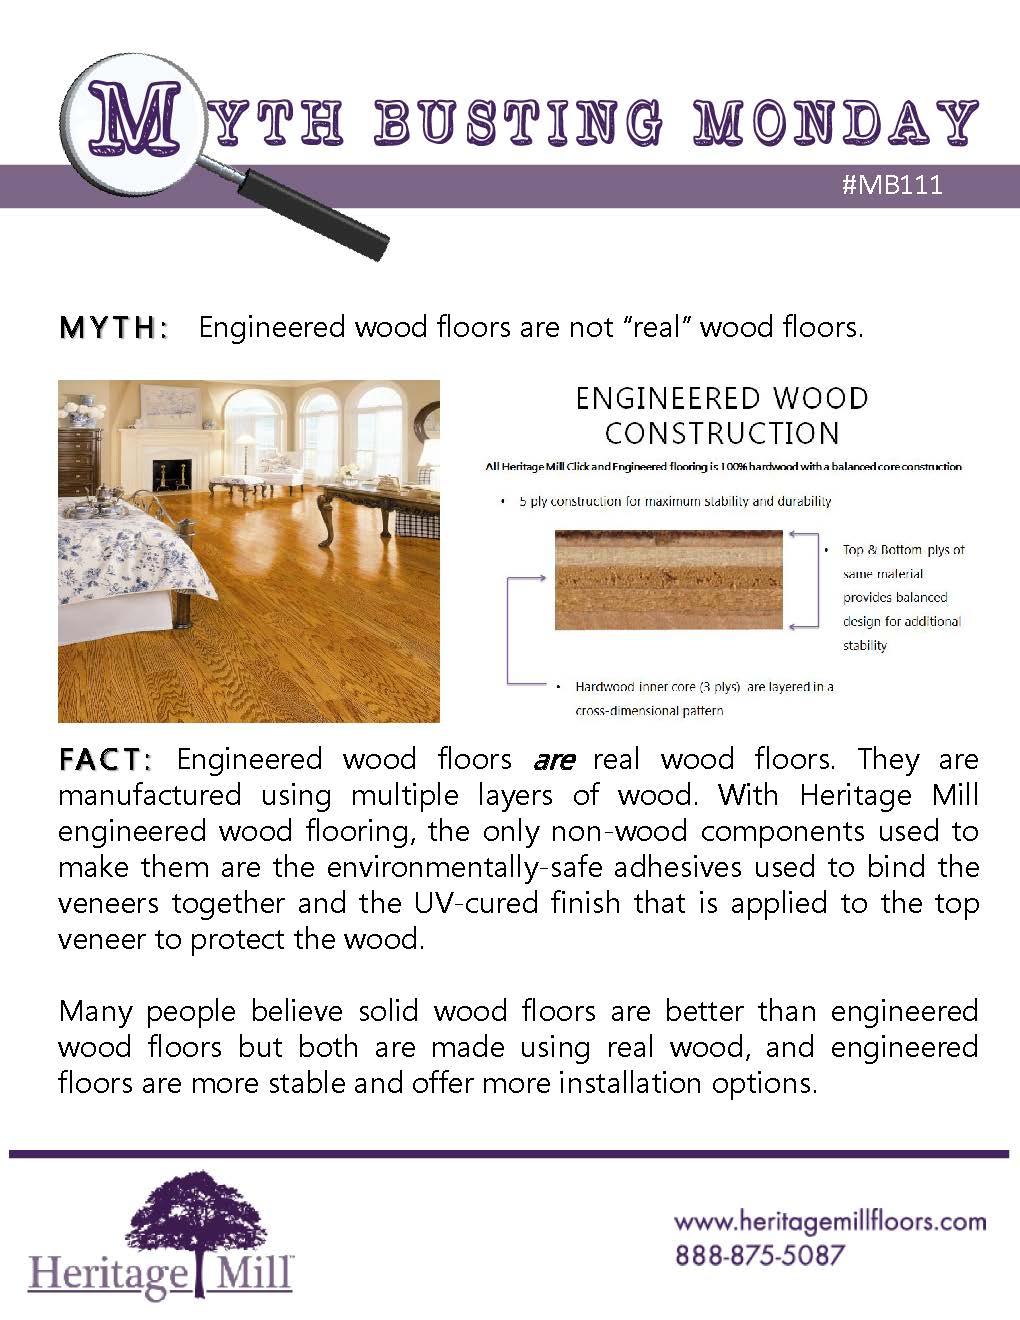 Myth Engineered Wood Floors Are Not Real Wood Floors